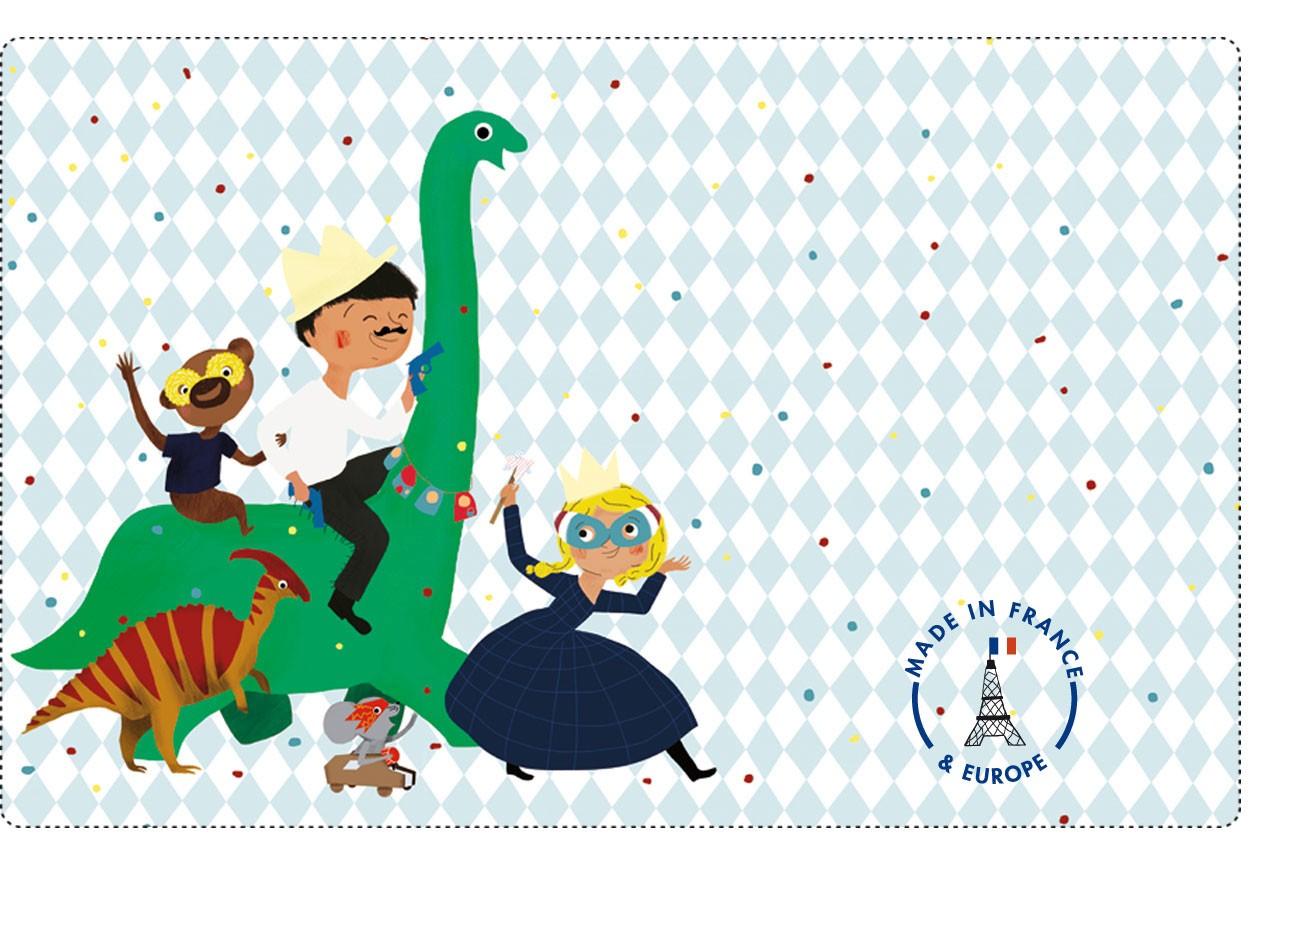 Pirouette cacahouète, création de jeux fabriqués en France et en Europe